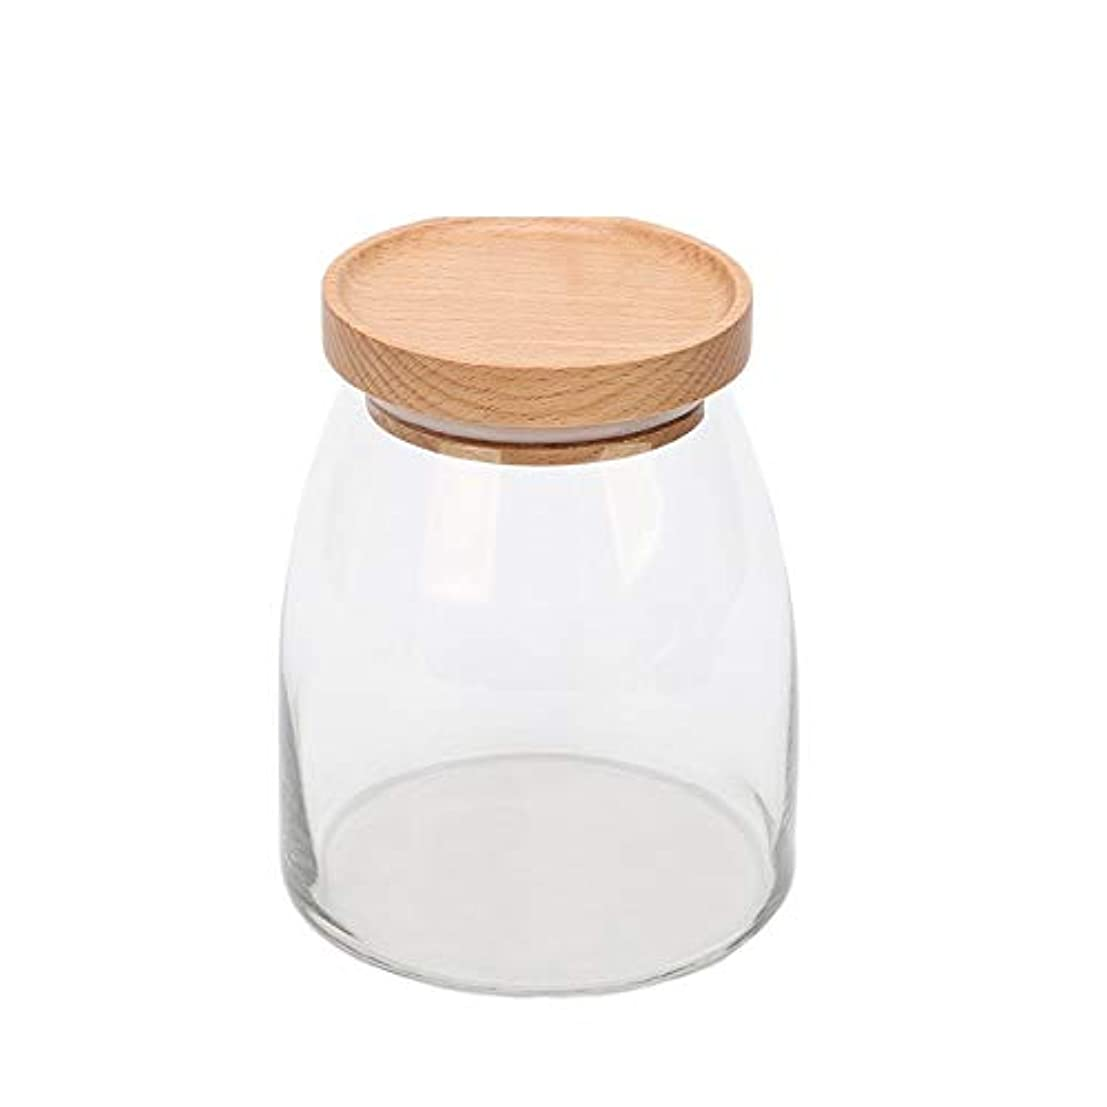 精緻化囚人海外貯蔵タンク、透明ガラス貯蔵タンク、家庭用食品、茶瓶